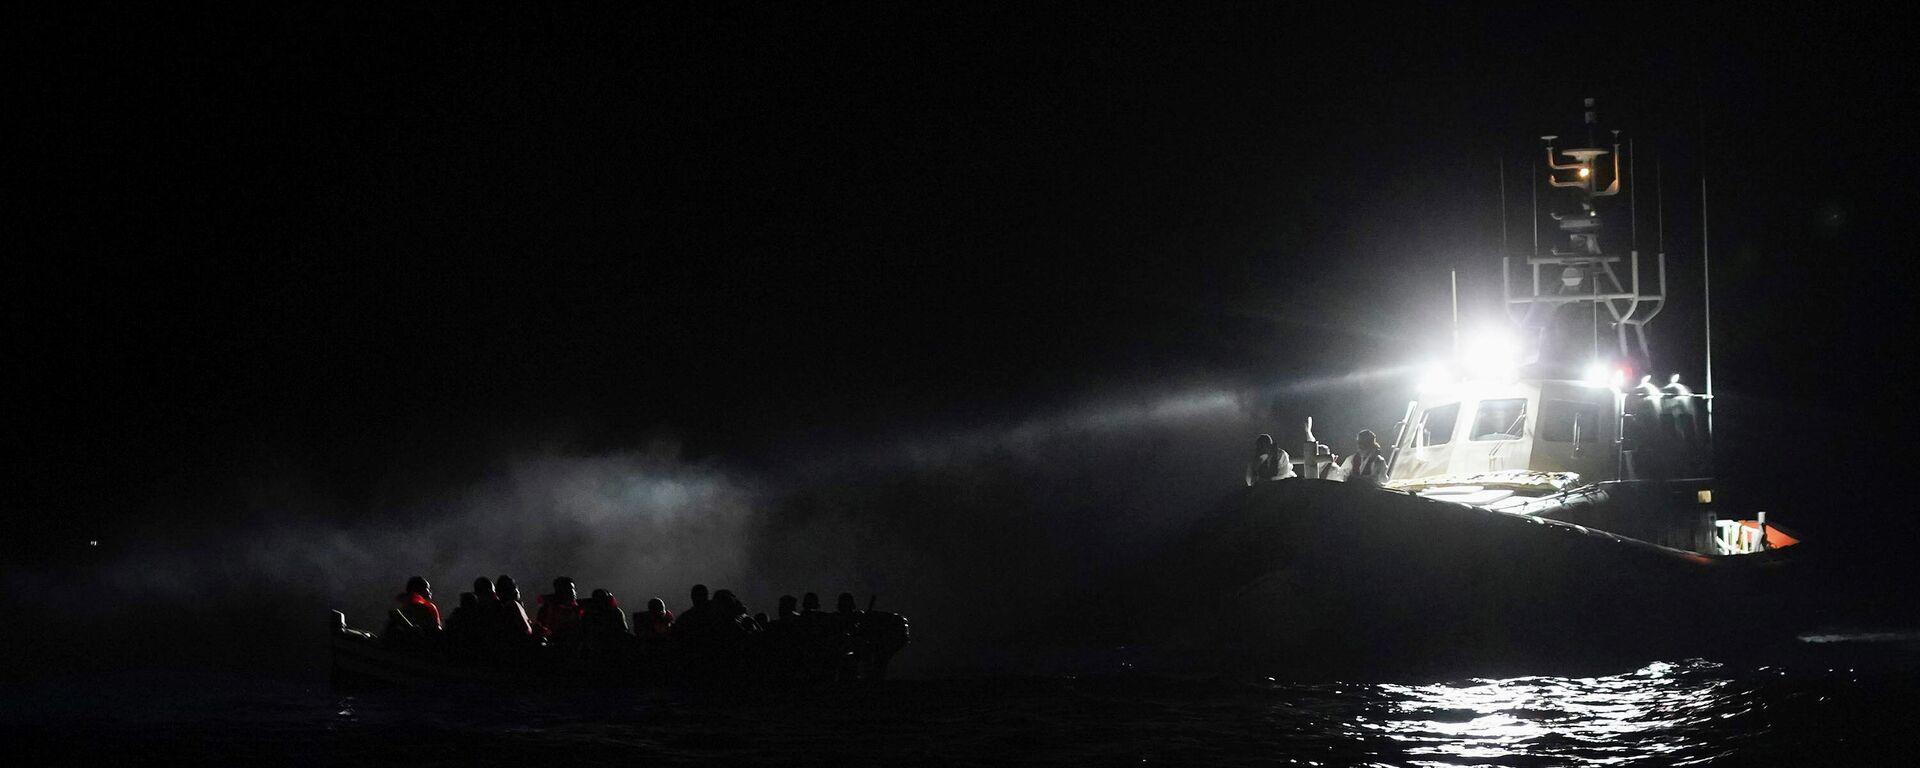 Migrantenboot in der Nähe von Lampedusa (Italien) (Archivbild) - SNA, 1920, 28.09.2021